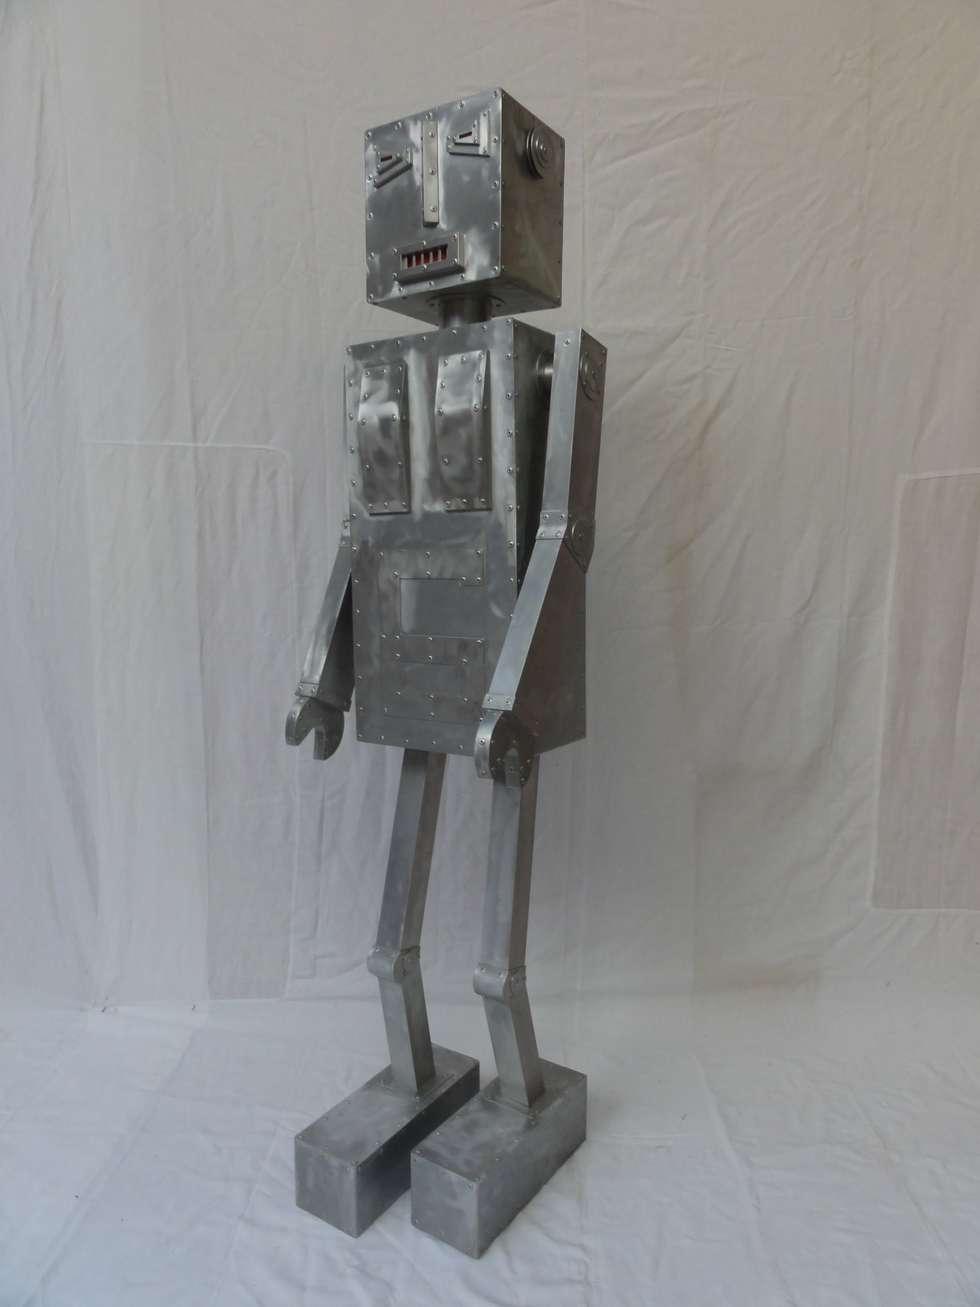 ROBOT TERMINATOR: Salon de style de style eclectique par CYRILLE PLATE